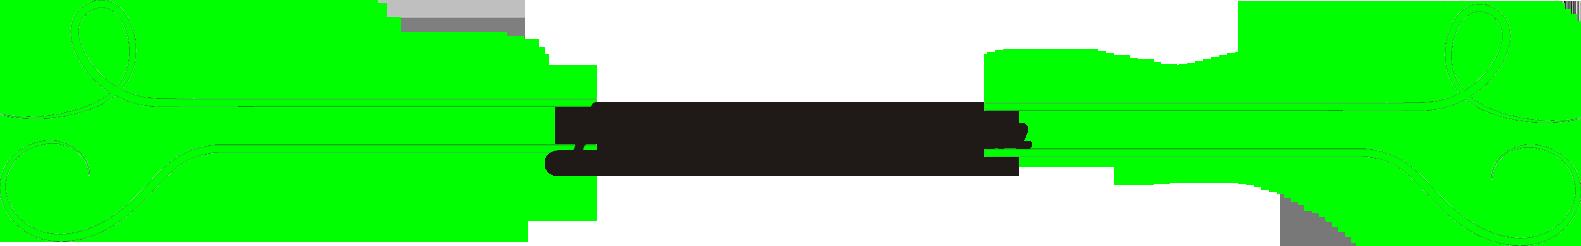 English Friesian